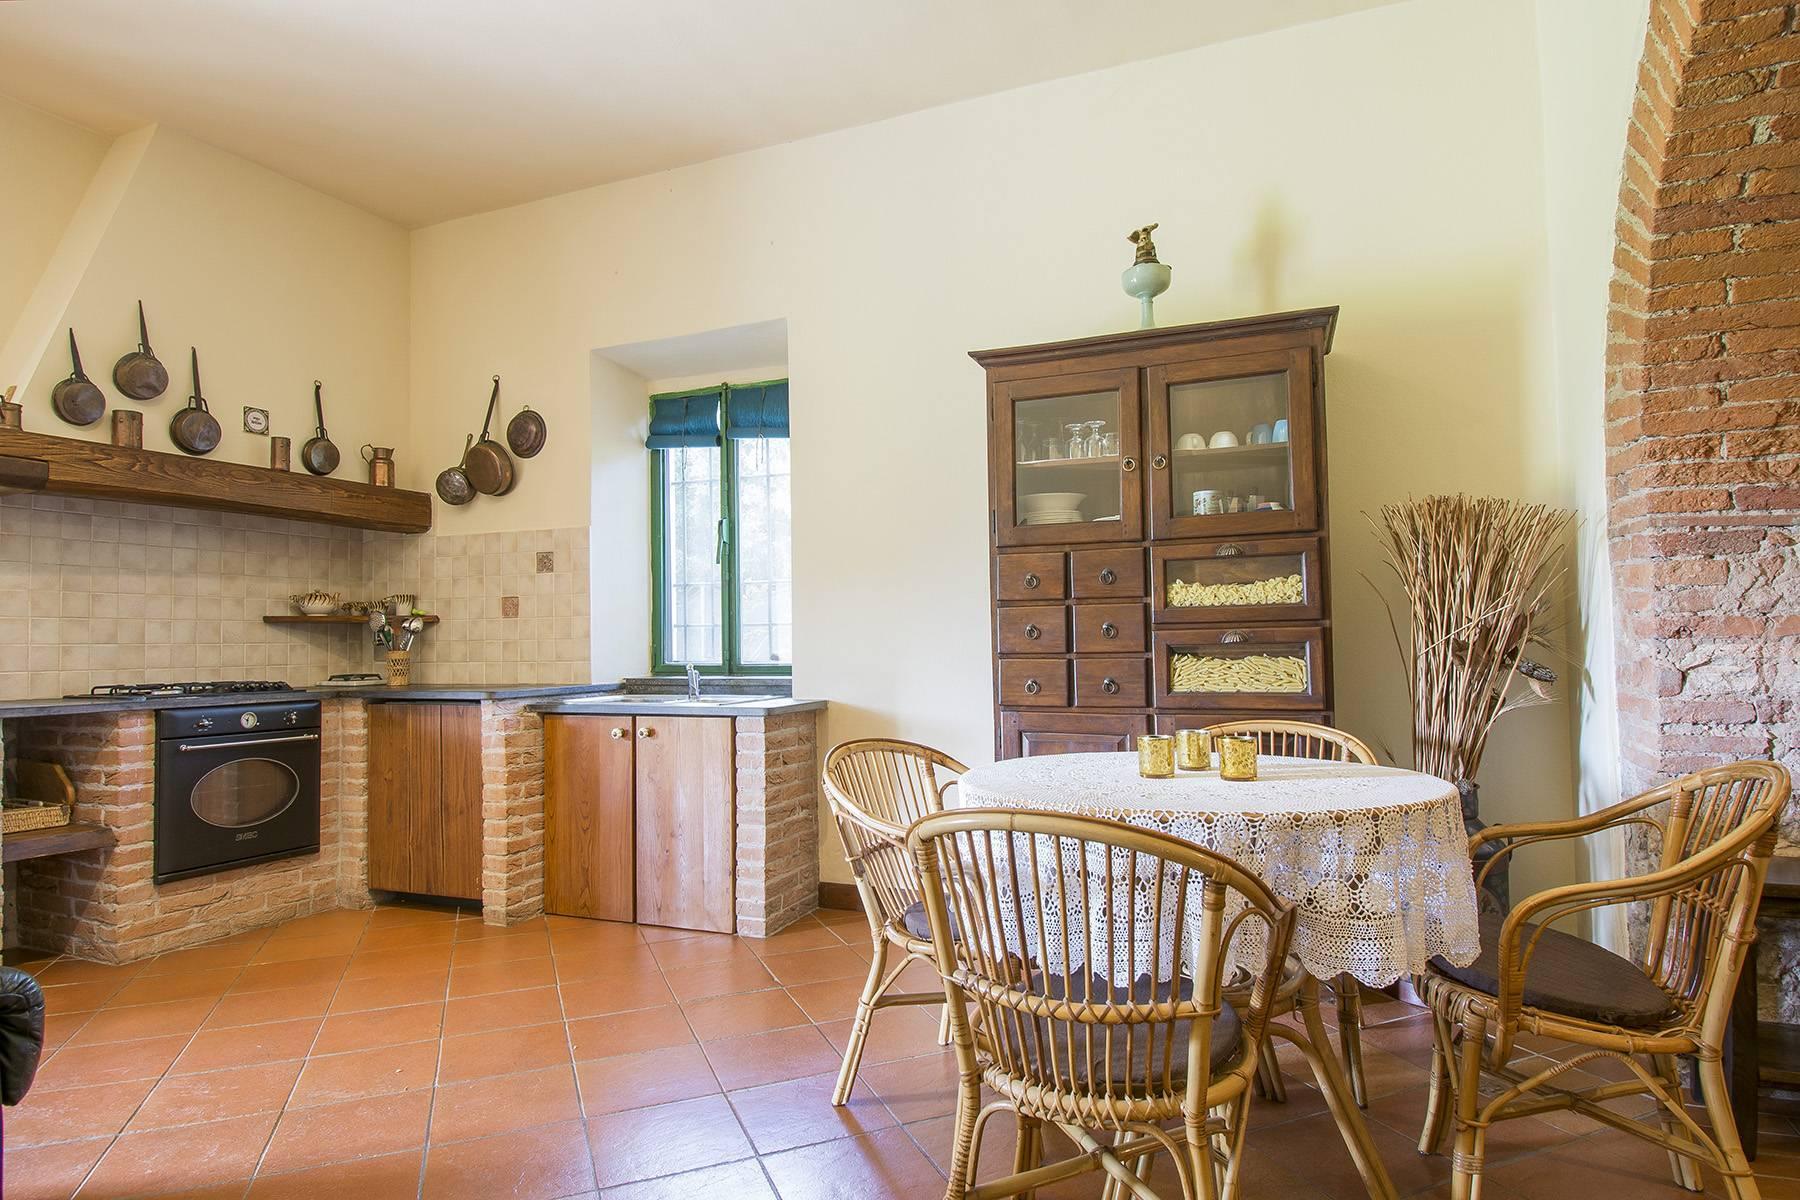 Bauernhaus mit Reitschule auf dem toskanischen Landschaft - 17